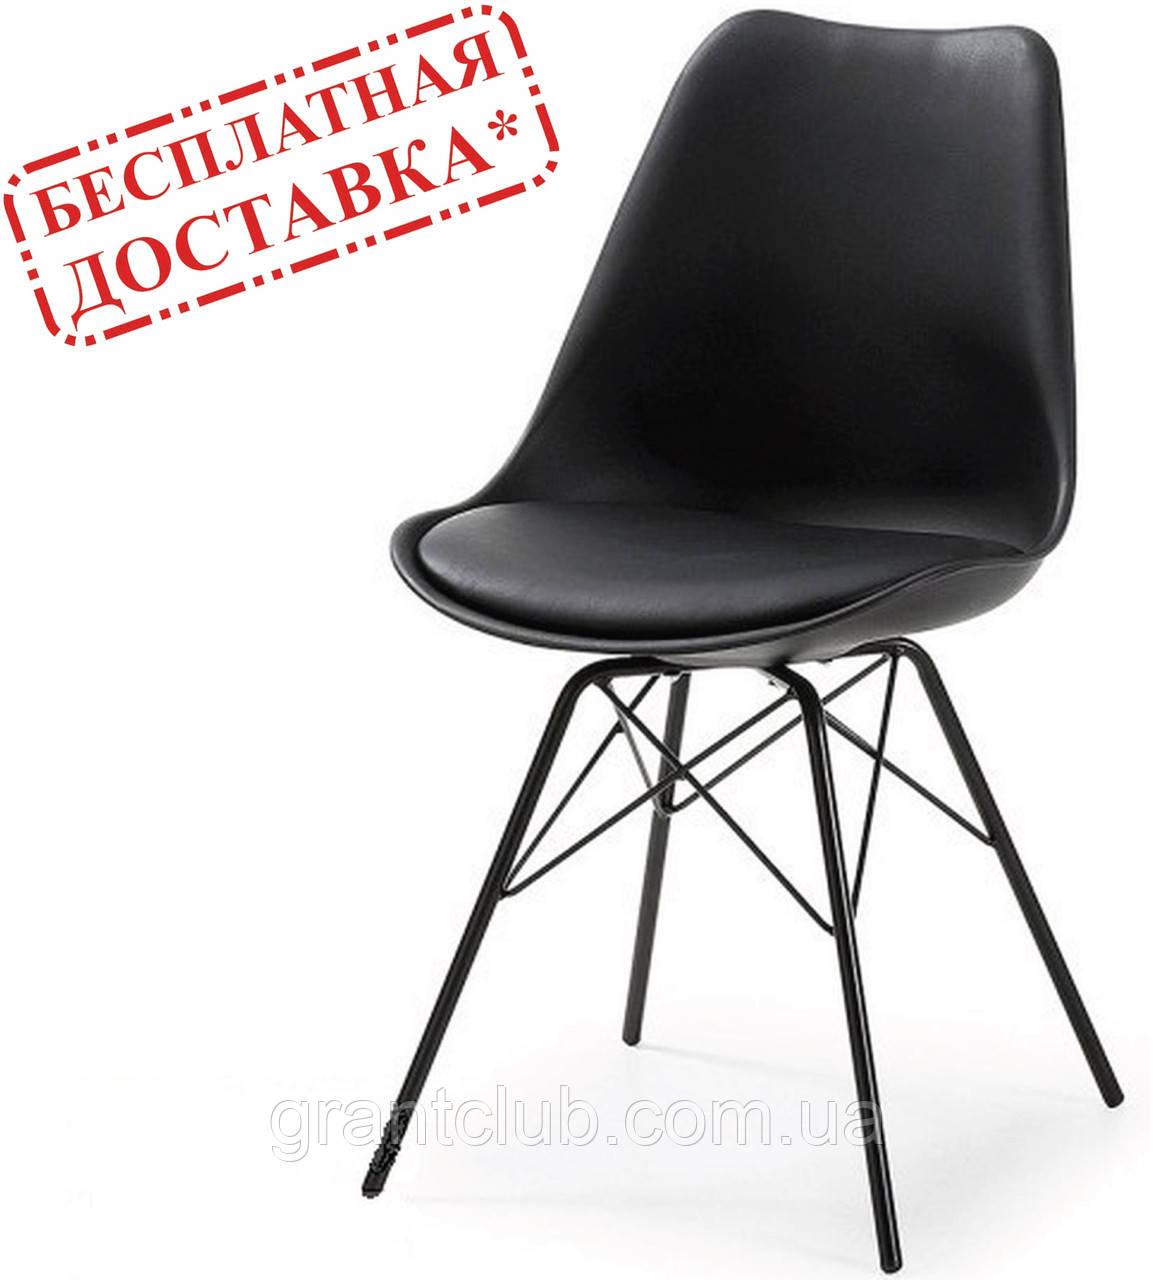 Стілець Тау м'який чорний пластик ніжки метал СДМ група (безкоштовна доставка)